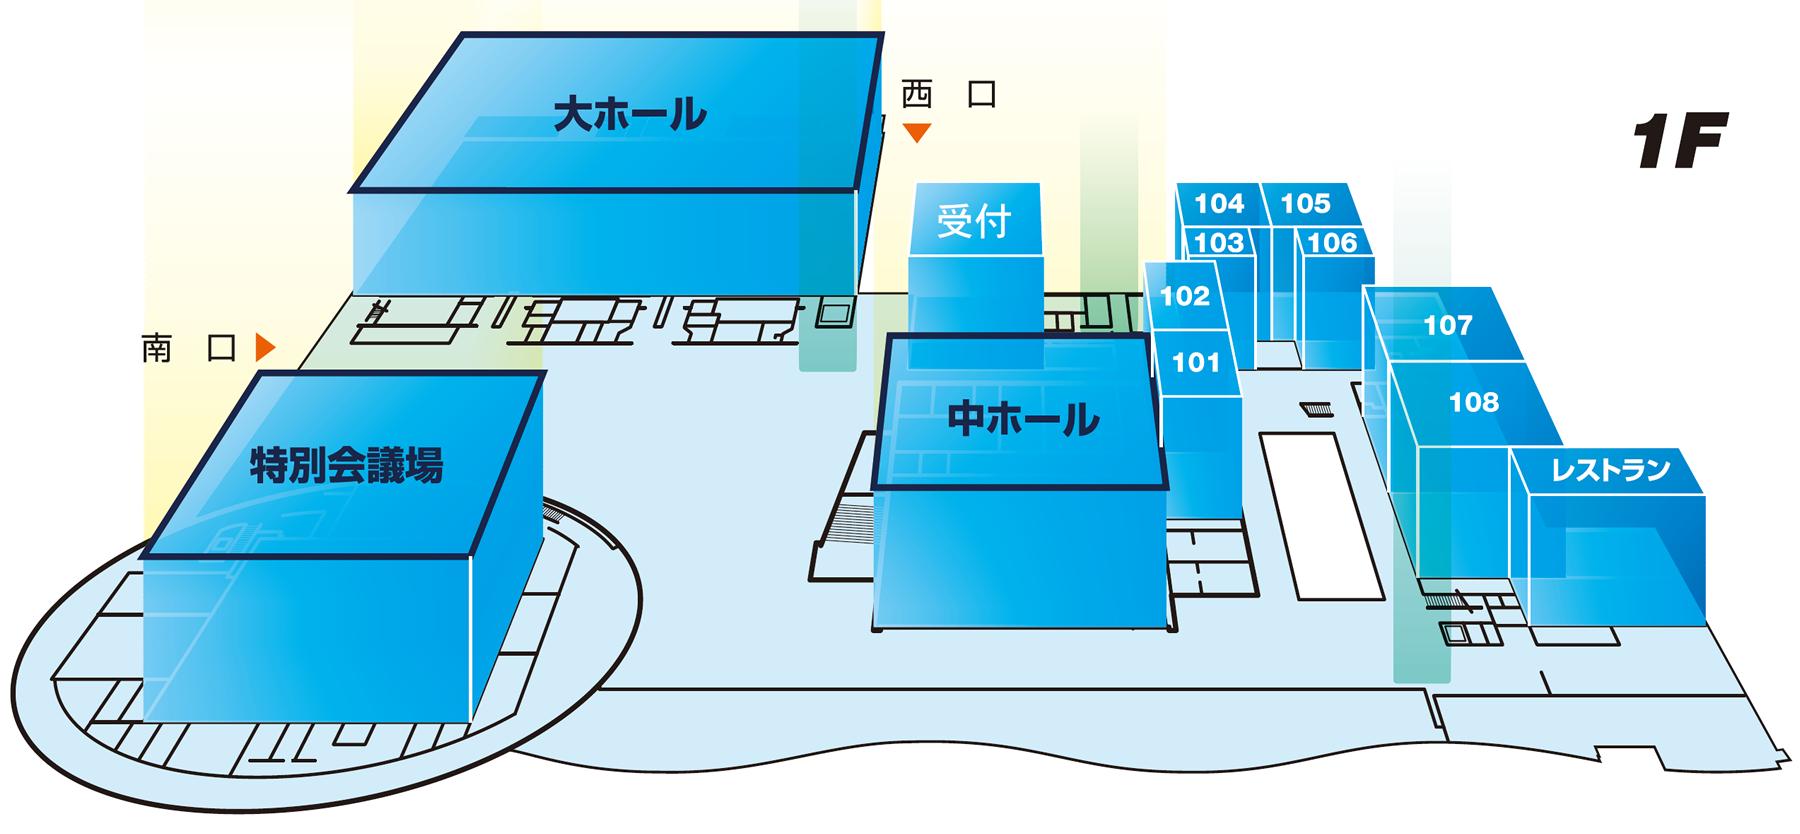 主要会場のご案内 札幌コンベンションセンター - Sapporo Convention ...